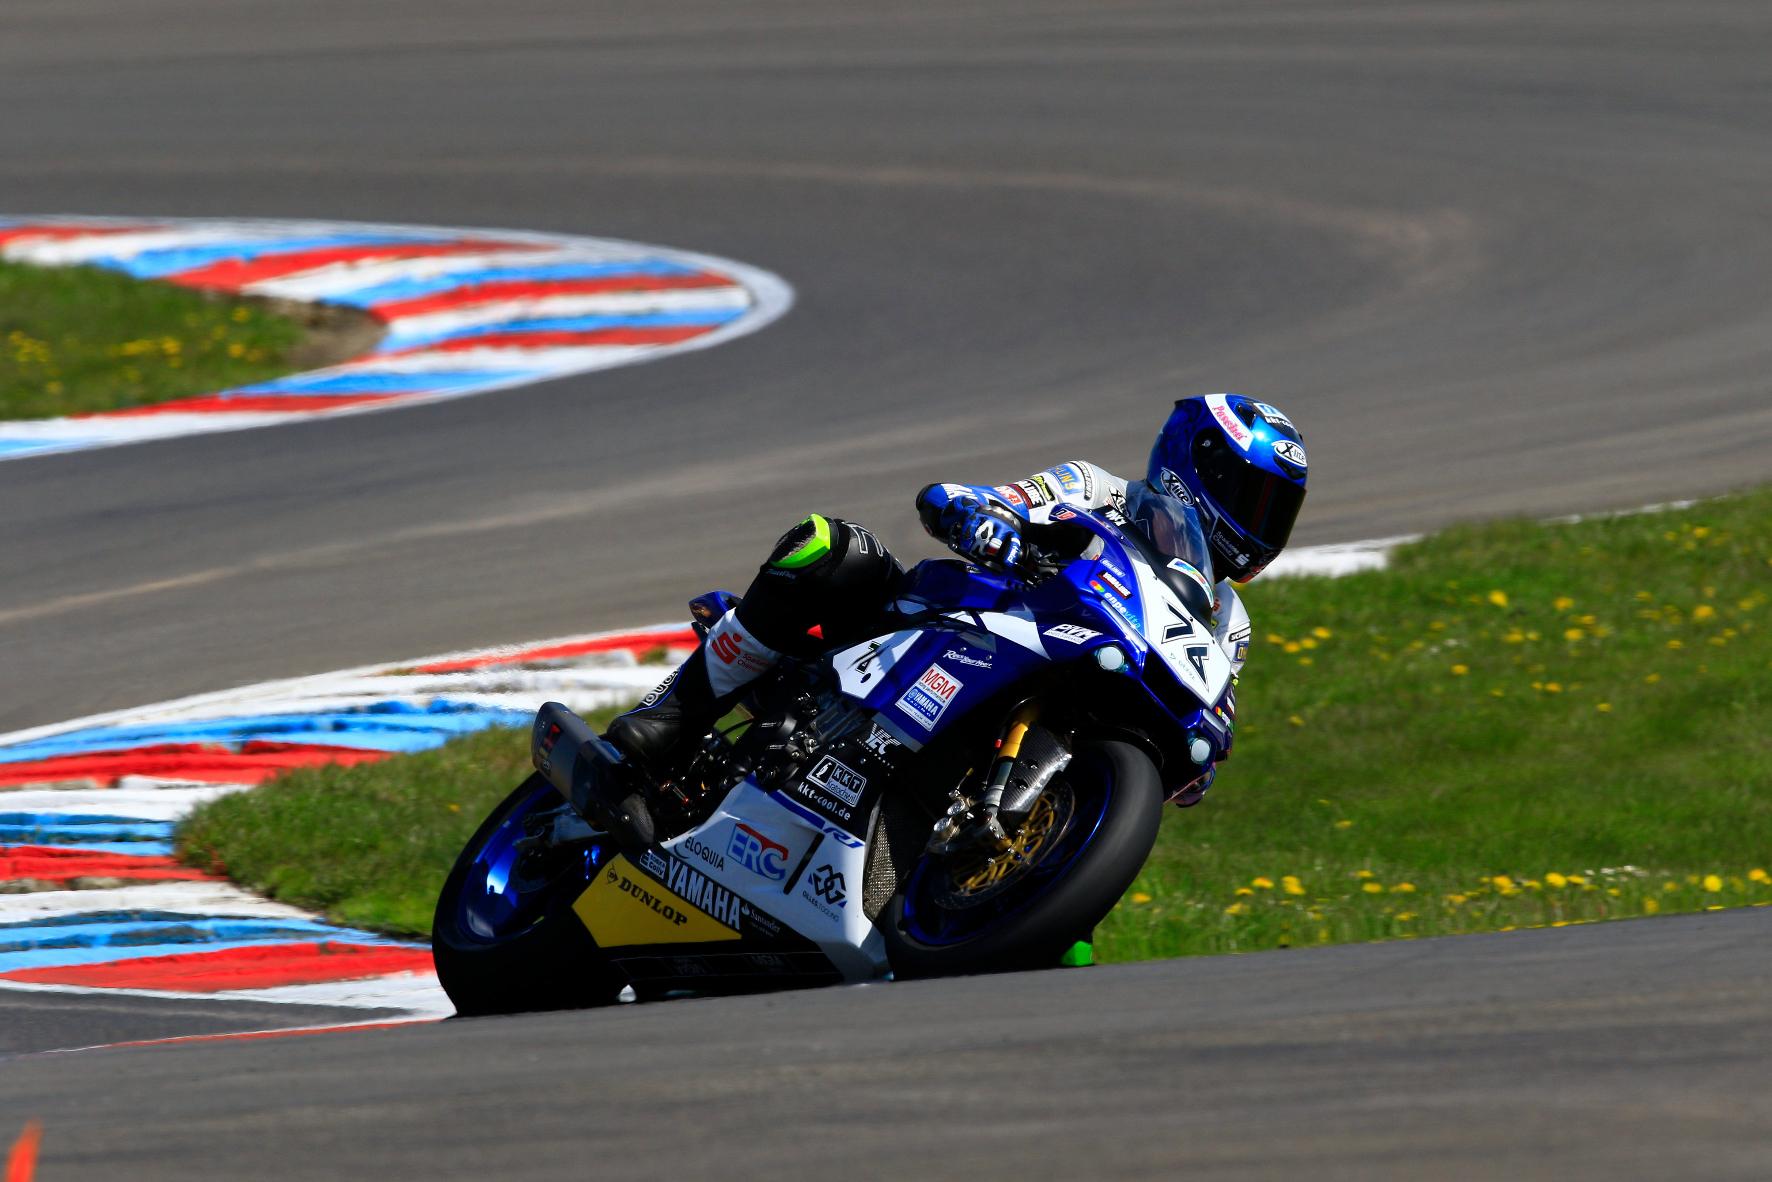 mid Groß-Gerau - Dunlop nutzt sein Engagement in der Superbike-Meisterschaft auch als Feldtest für seine Serien-Pneus. Im Bild: der Gesamt-Zweite Max Neukirchner vom Team Yamaha MGM.